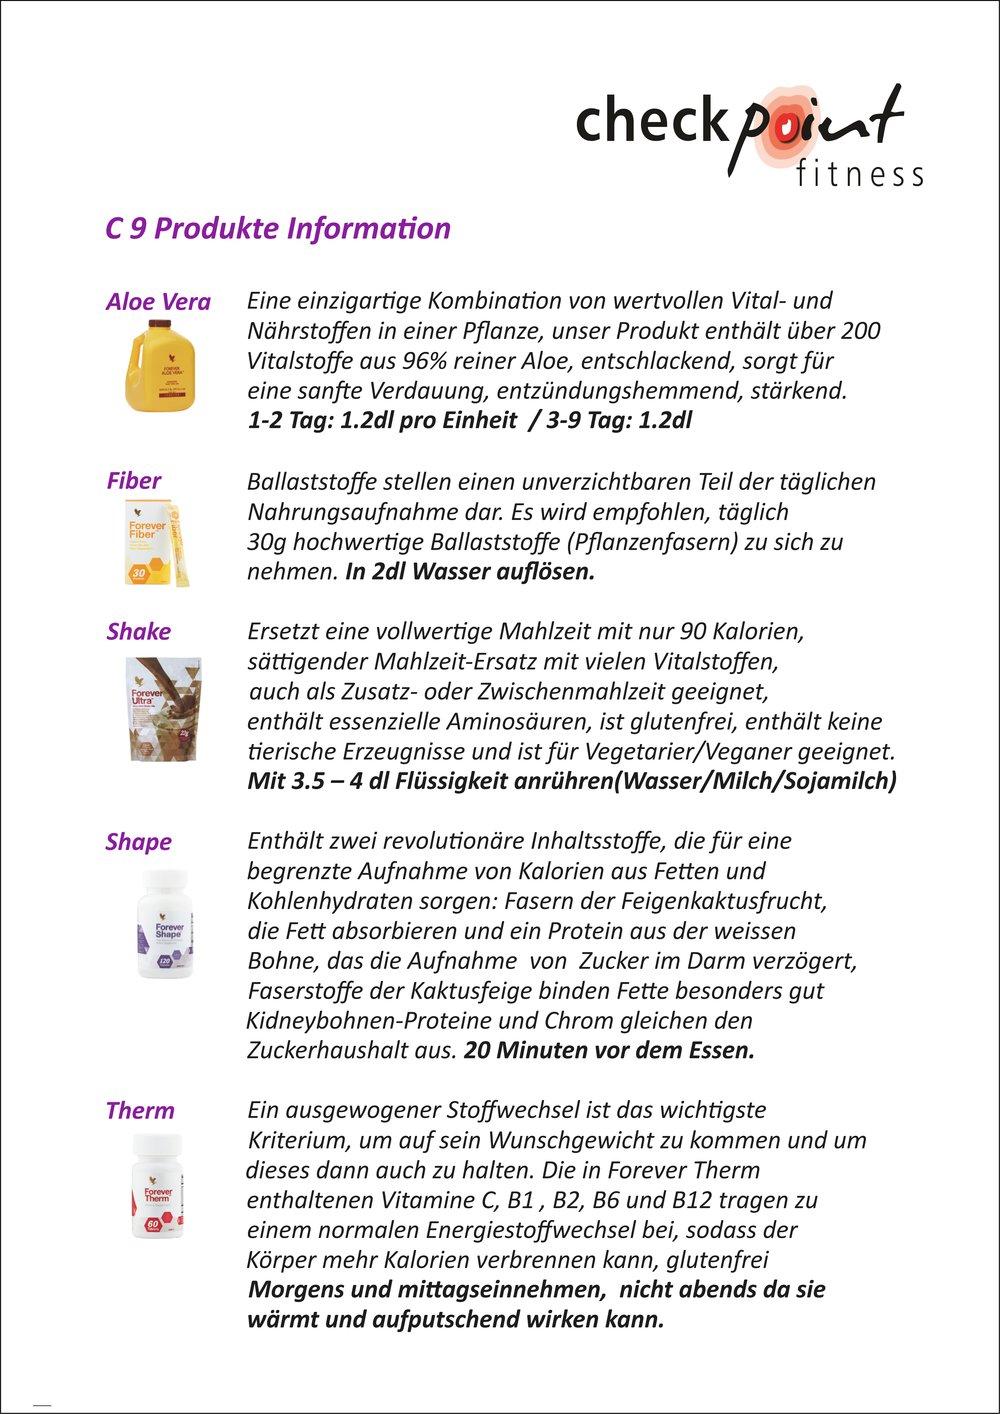 C9 Produkte Information.jpg